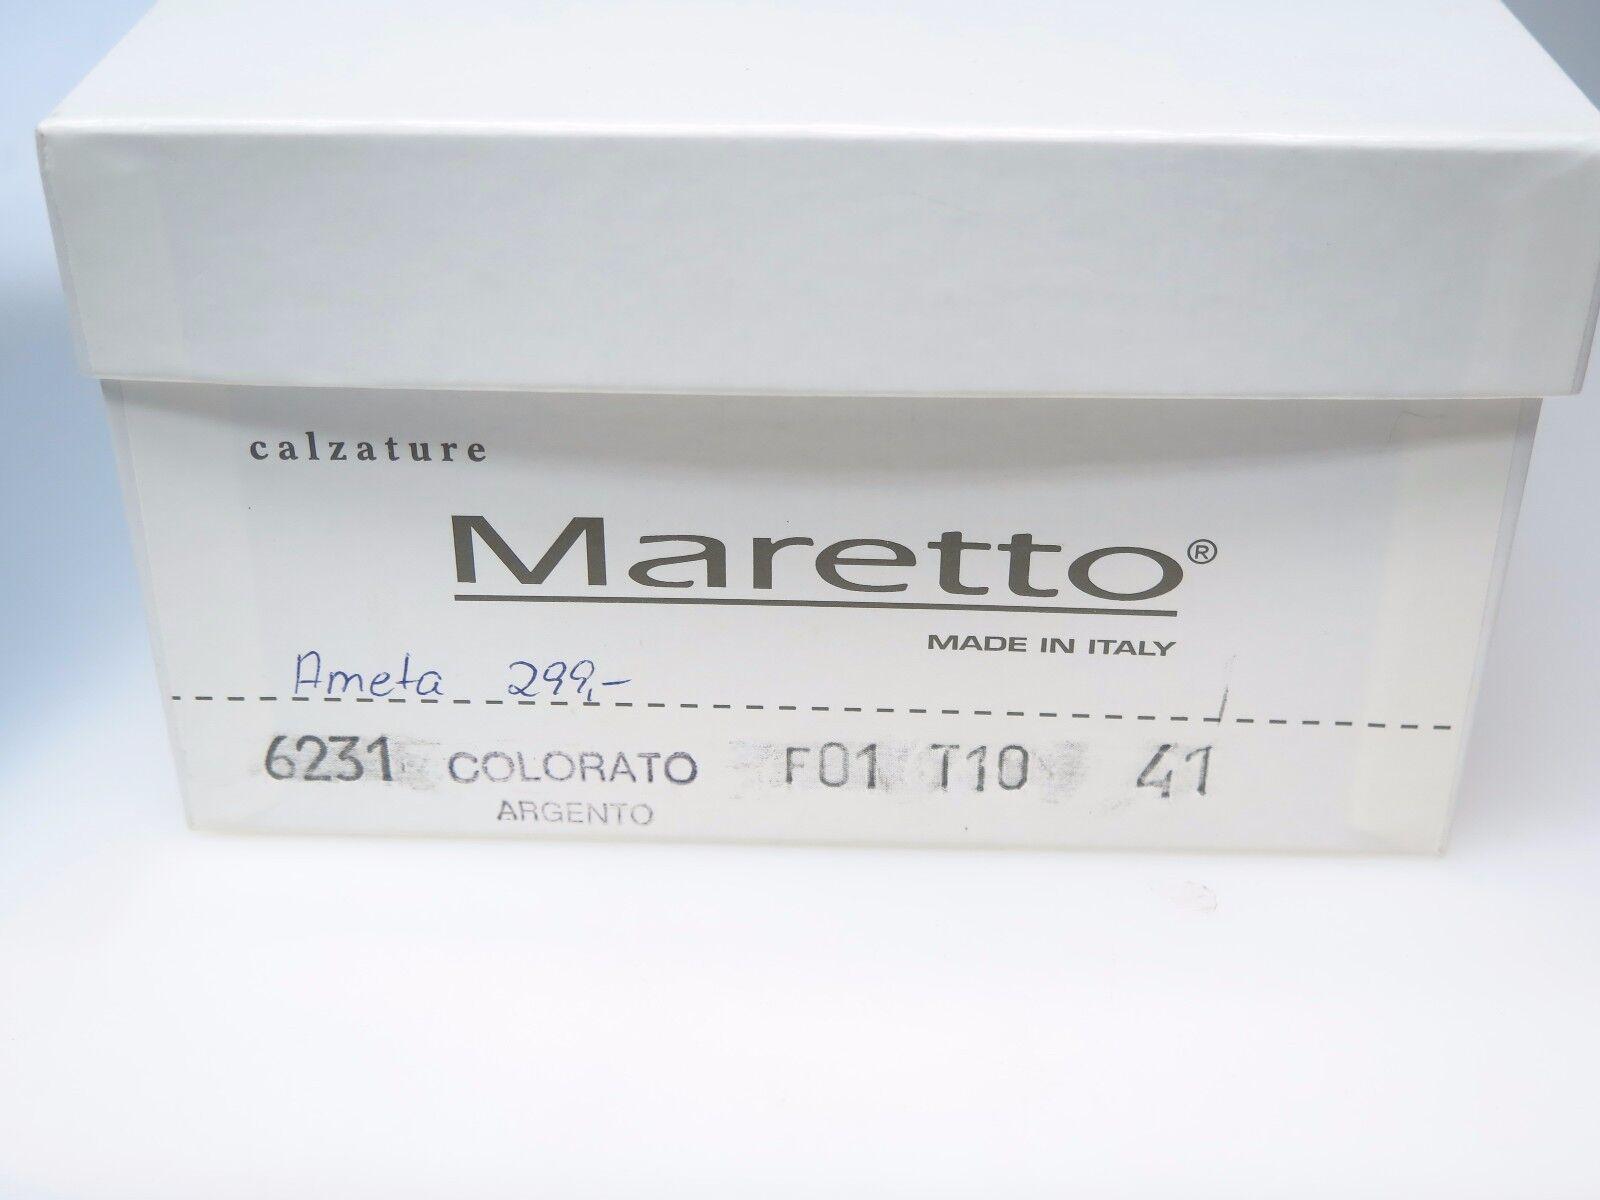 MARETTO Argento  Designer Damenschuhe 6231 Ameta Farbeato Argento MARETTO Leder Gr. 41 NEU 5e7ad6